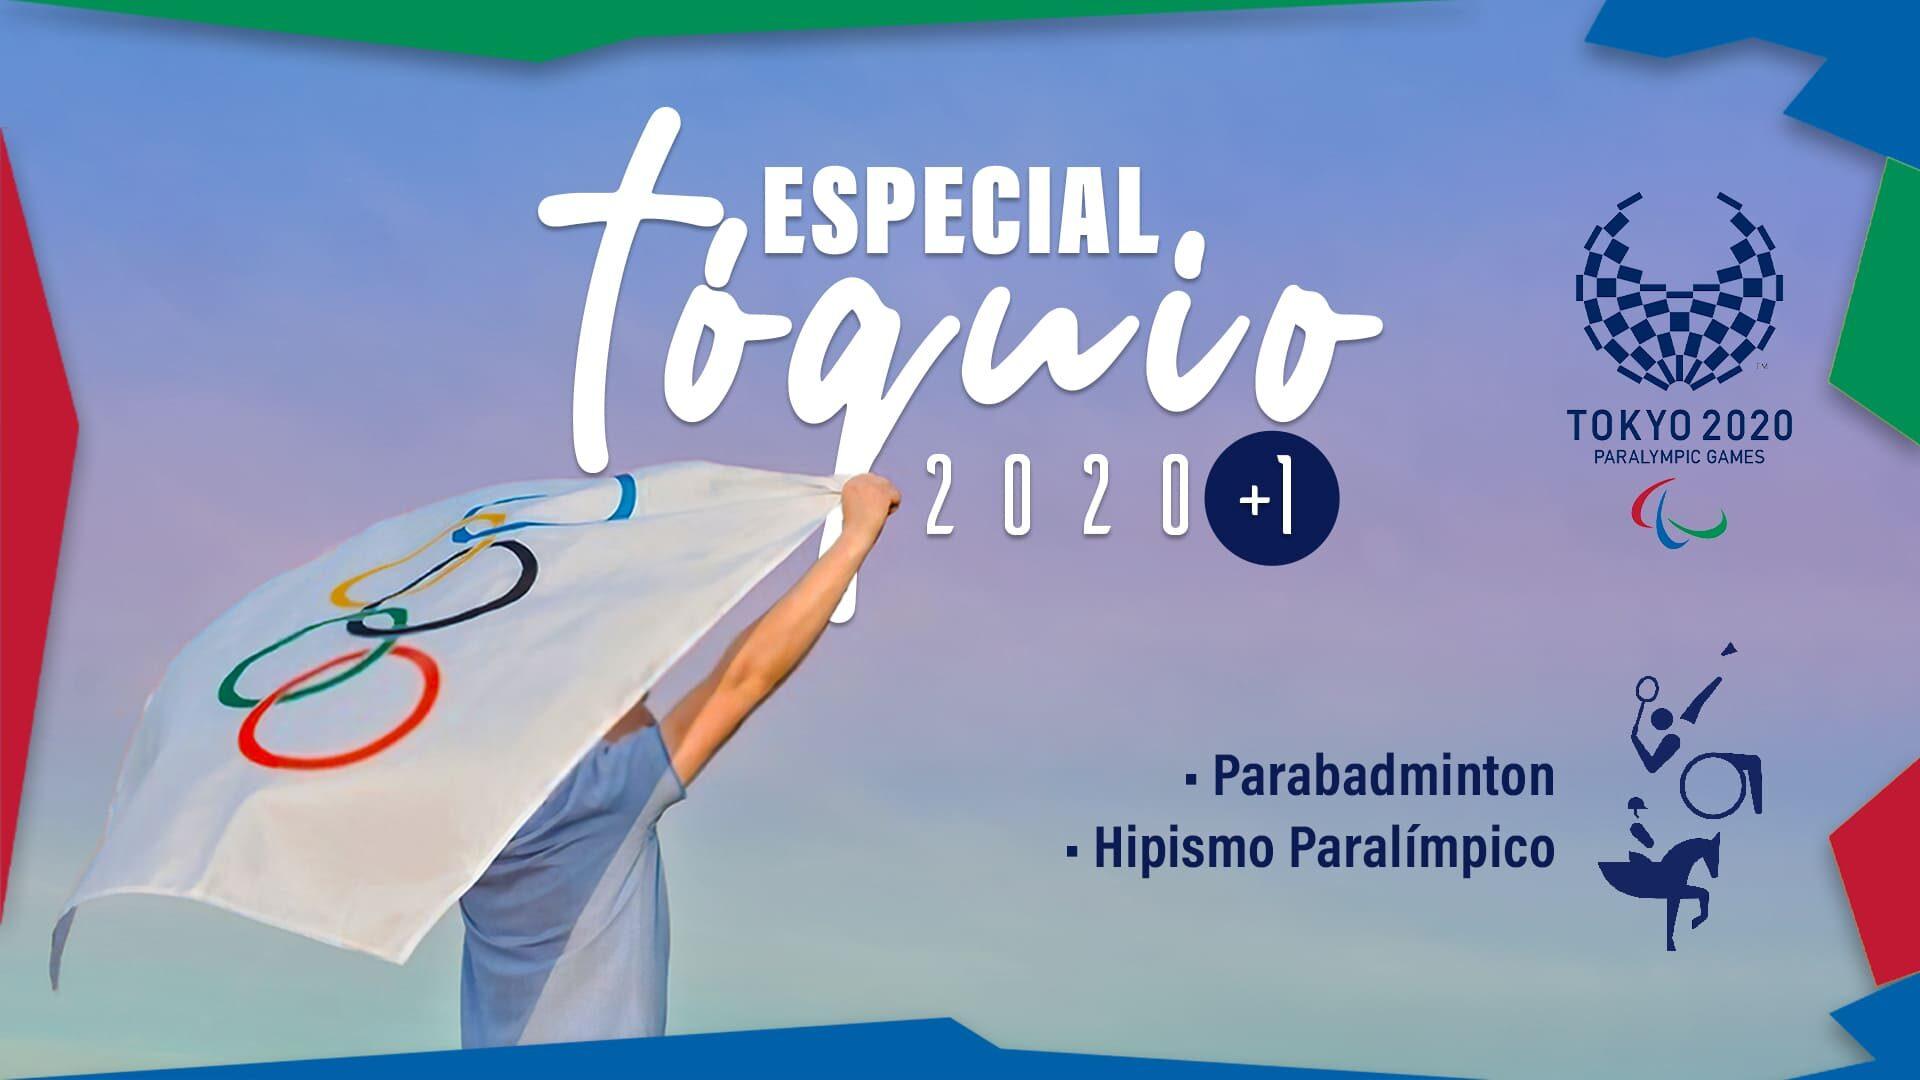 Imagem de capa do artigo Entre a raquete e o galope, da série Especial Tóquio 2020 (tema sobreposto à imagem, na cor branca). Descrição detalhada na legenda.